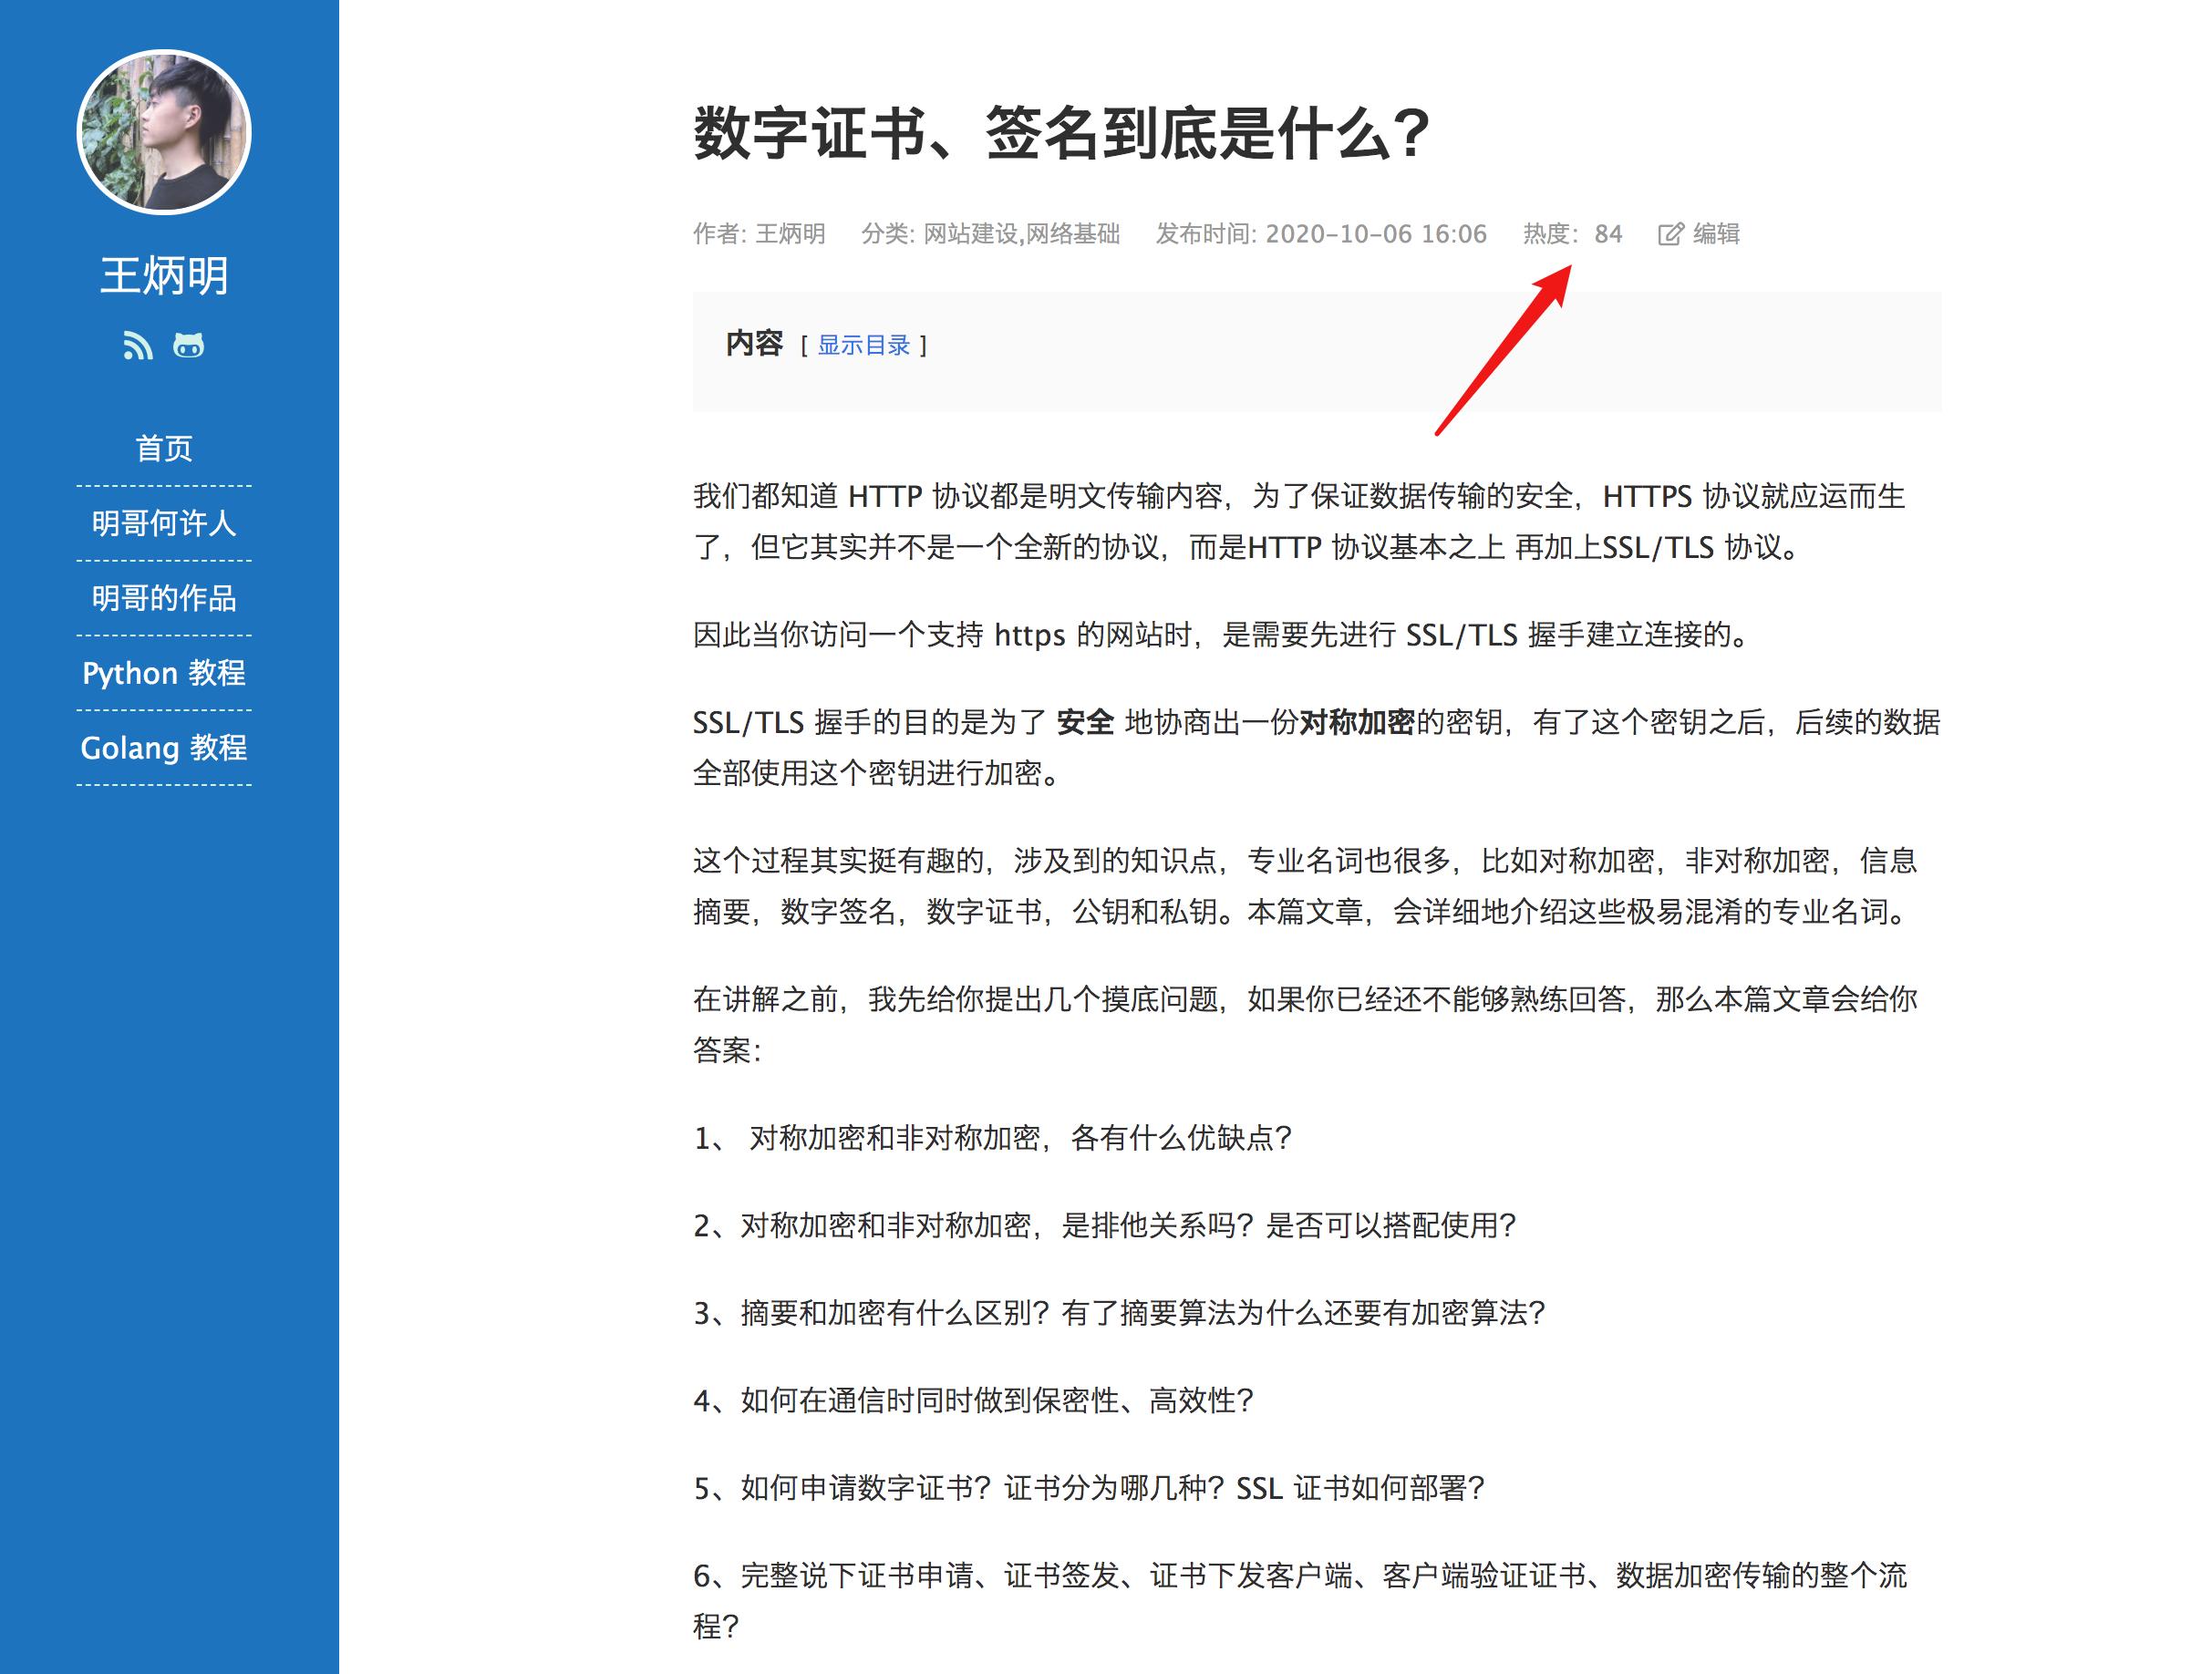 超详细图解 WordPress 搭建个人网站插图(28)